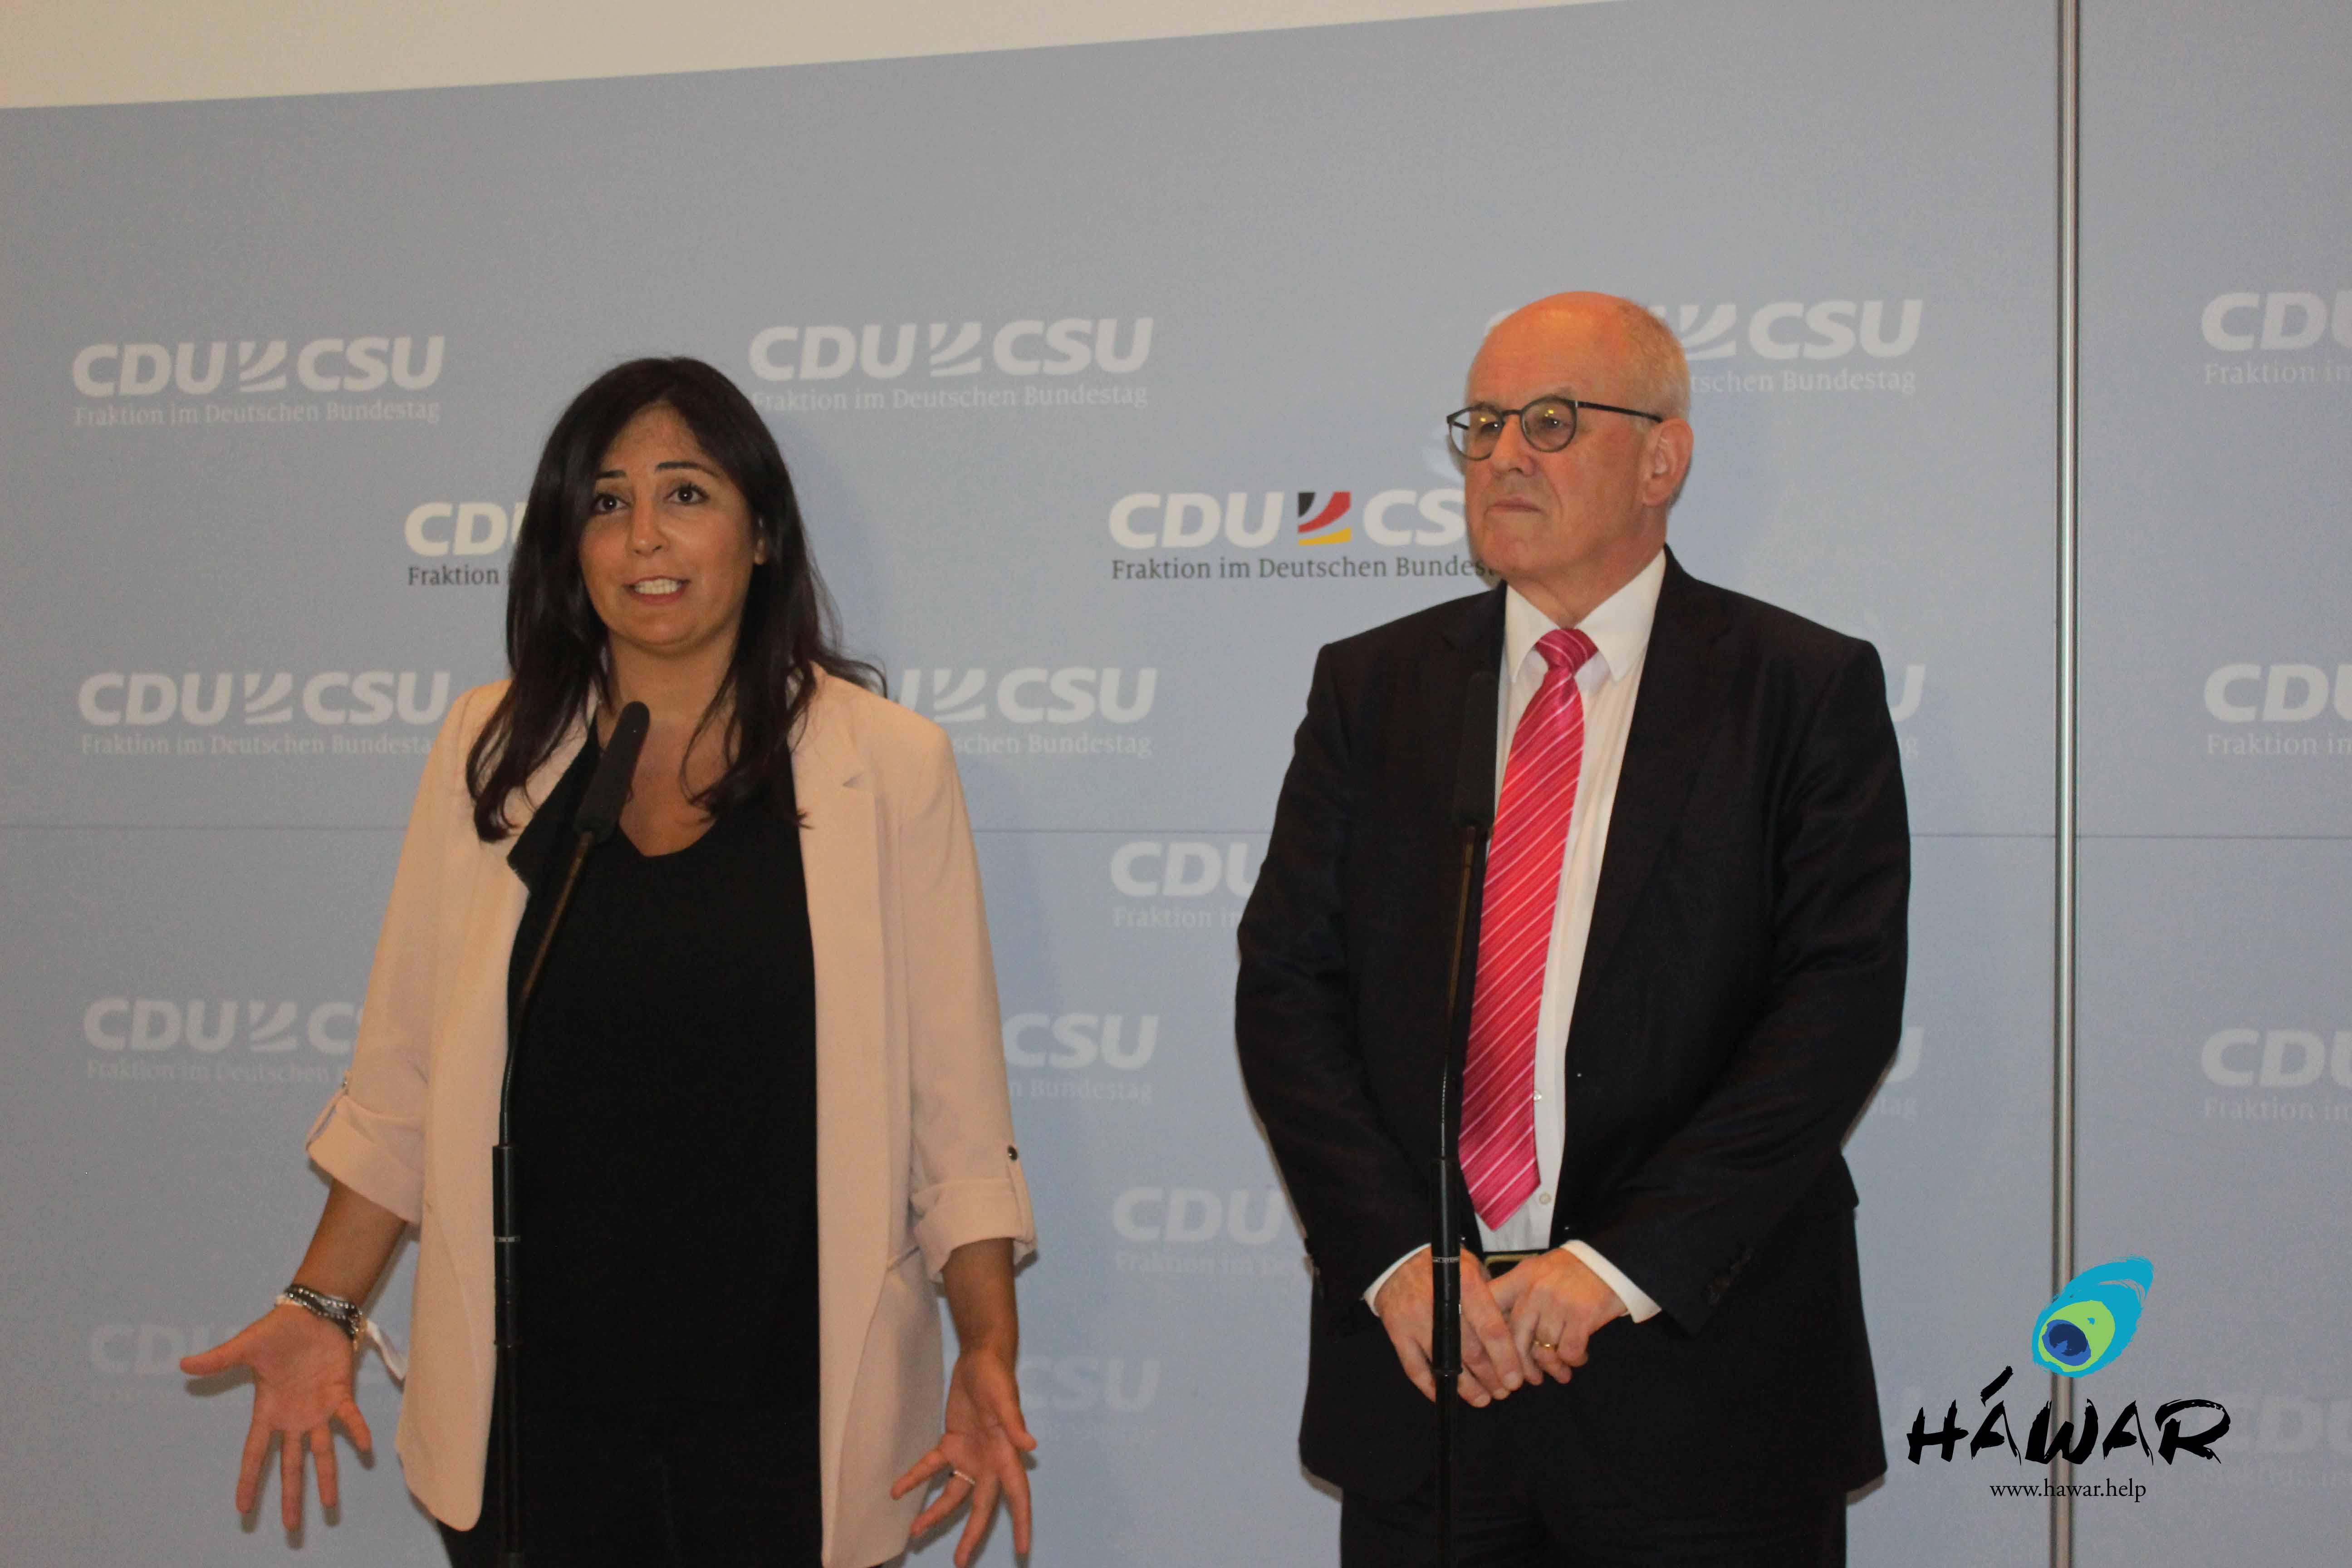 Die Gründerin und Vorsitzende von HAWAR.help e.V. Düzen Tekkal, Vorsitzender der CDU/CSU-Bundestagsfraktion Volker Kauder